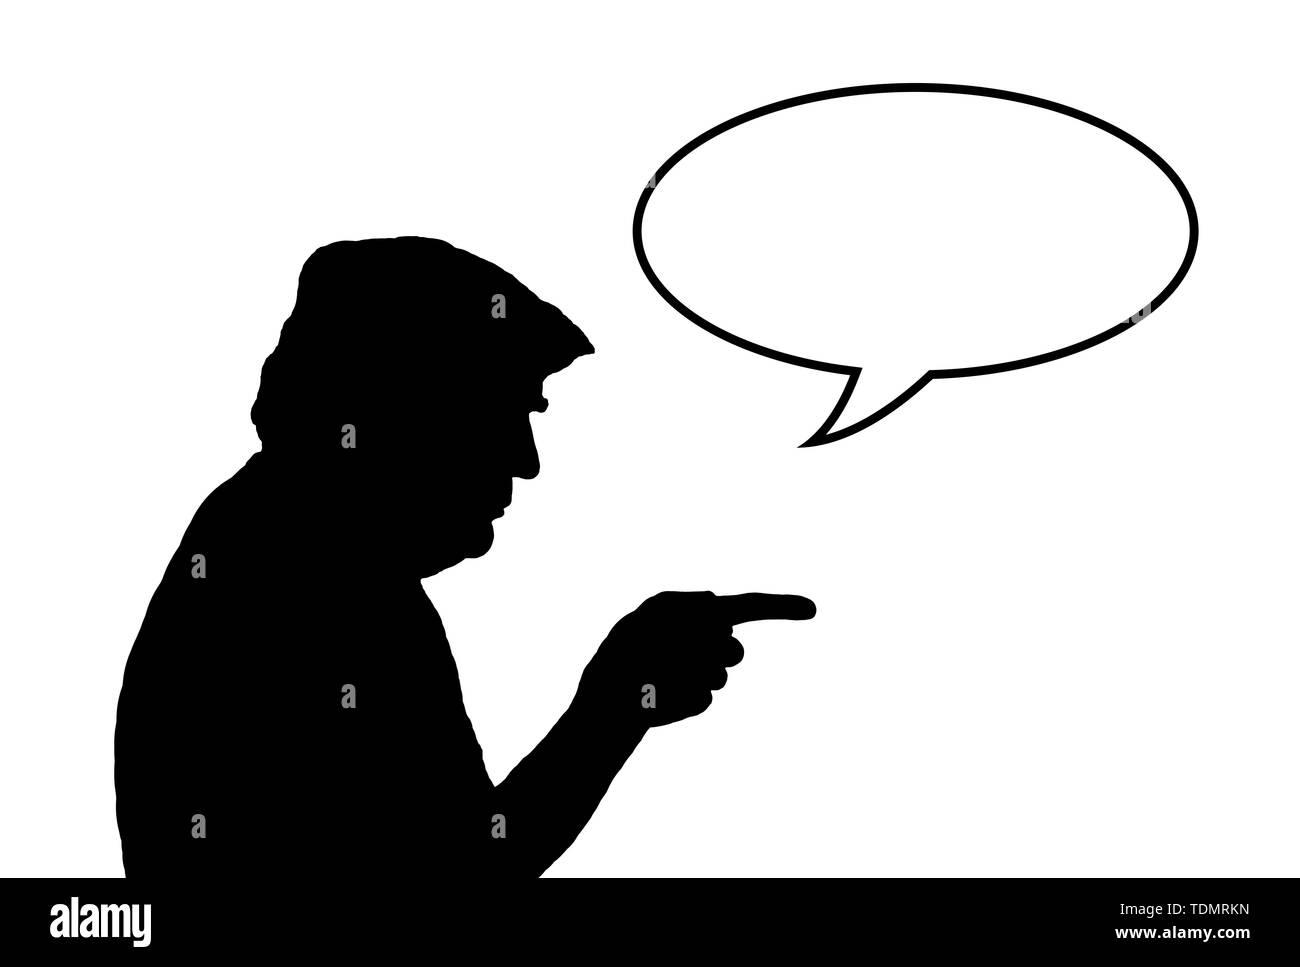 Illustrazione della silhouette di Stati Uniti d'America presidente americano Donald Trump dispositivo di puntamento con un vuoto discorso bolla (word palloncino) per il testo. Copyspace. Copia dello spazio. Immagini Stock